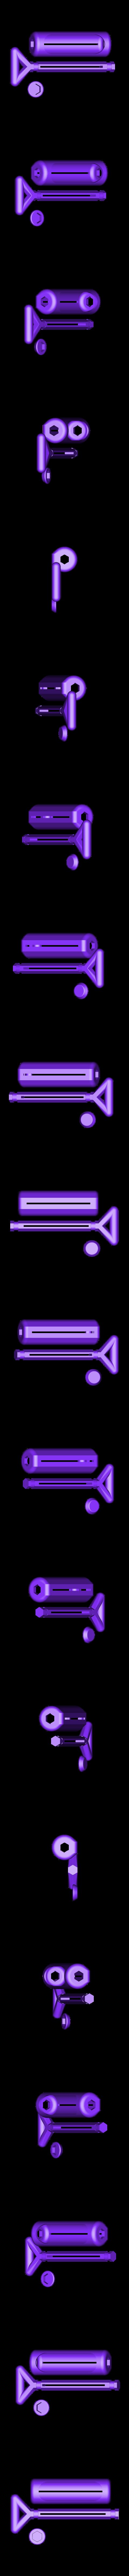 Tubenquetsche-Print.stl Télécharger fichier STL gratuit Presse-dentifrice personnalisable • Objet imprimable en 3D, dede67